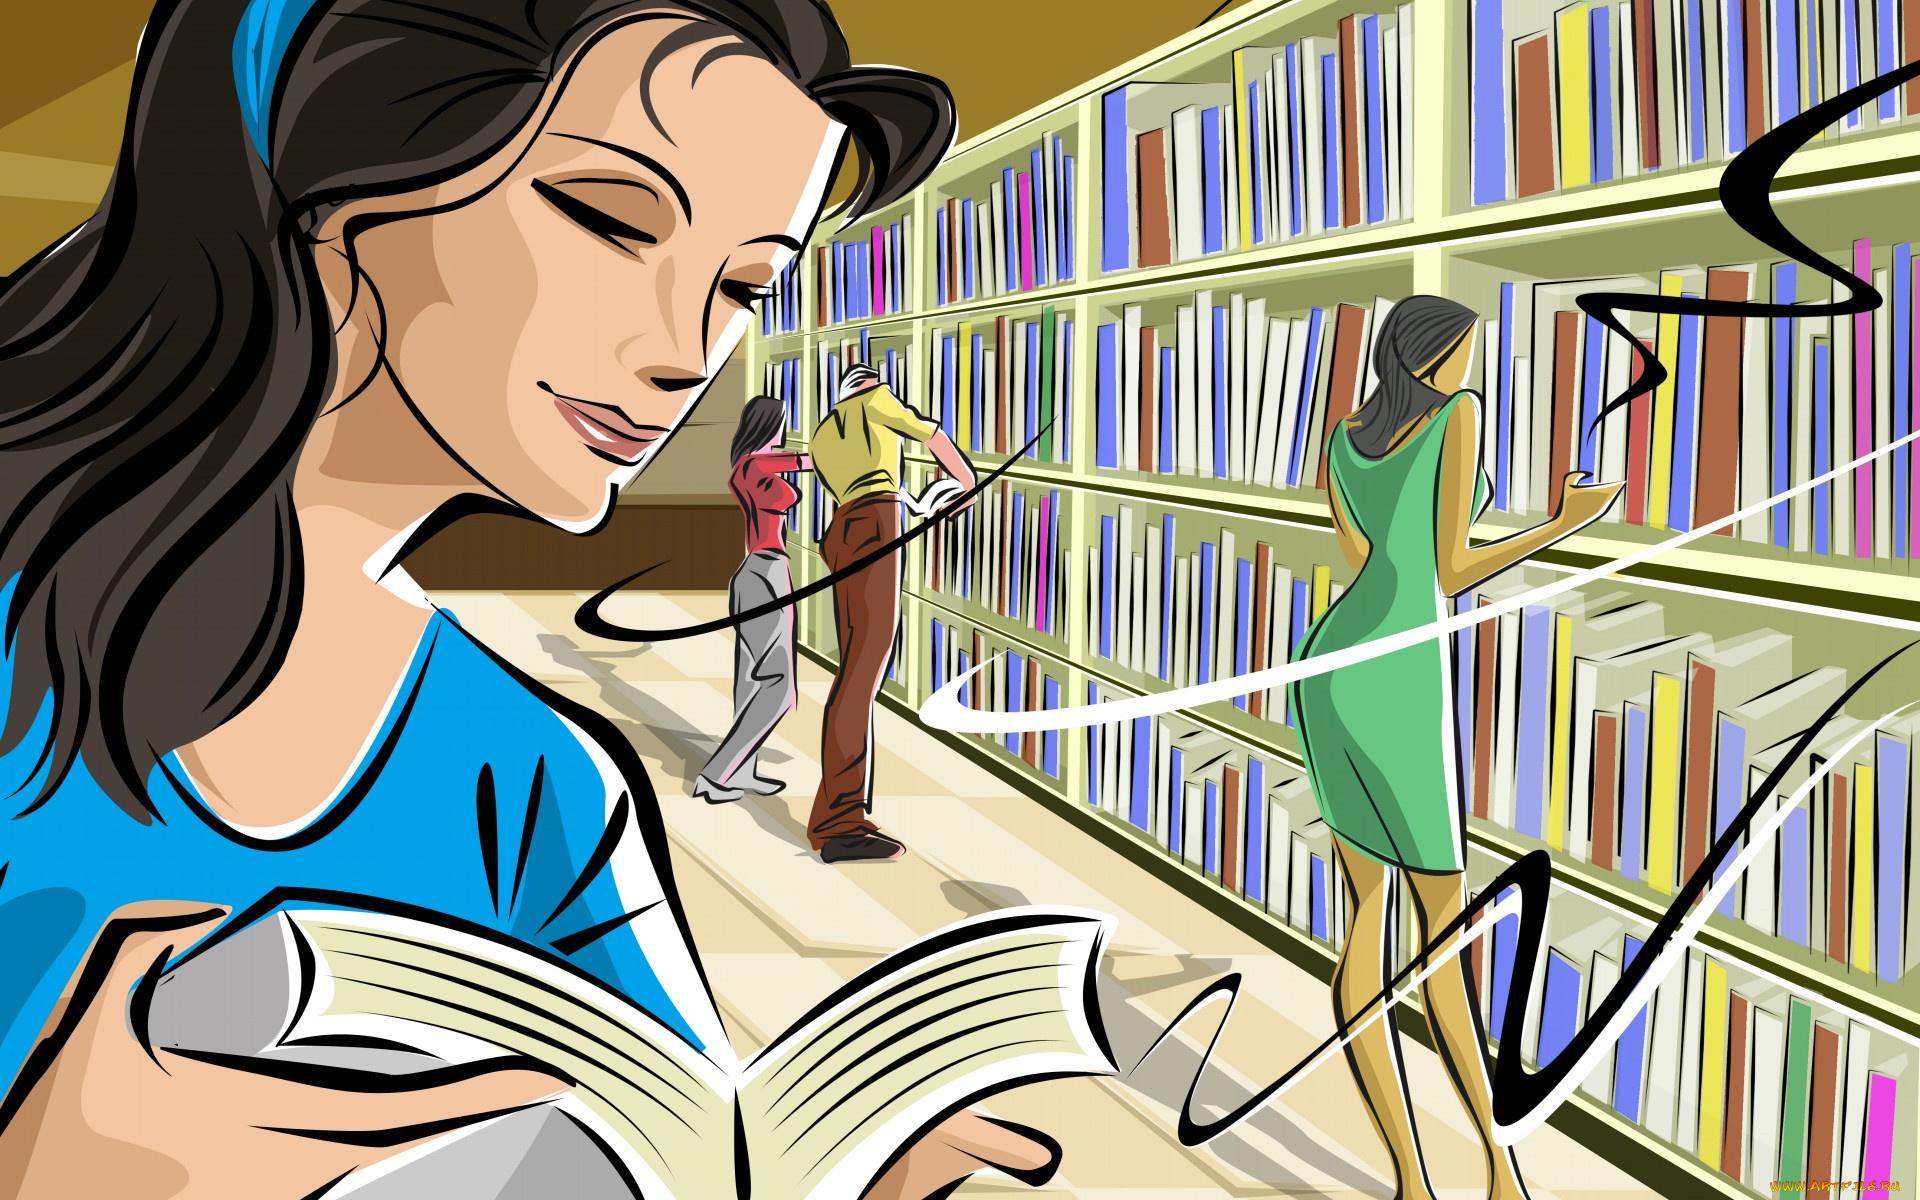 картинки образ библиотеки и библиотекаря способен нанести человеку